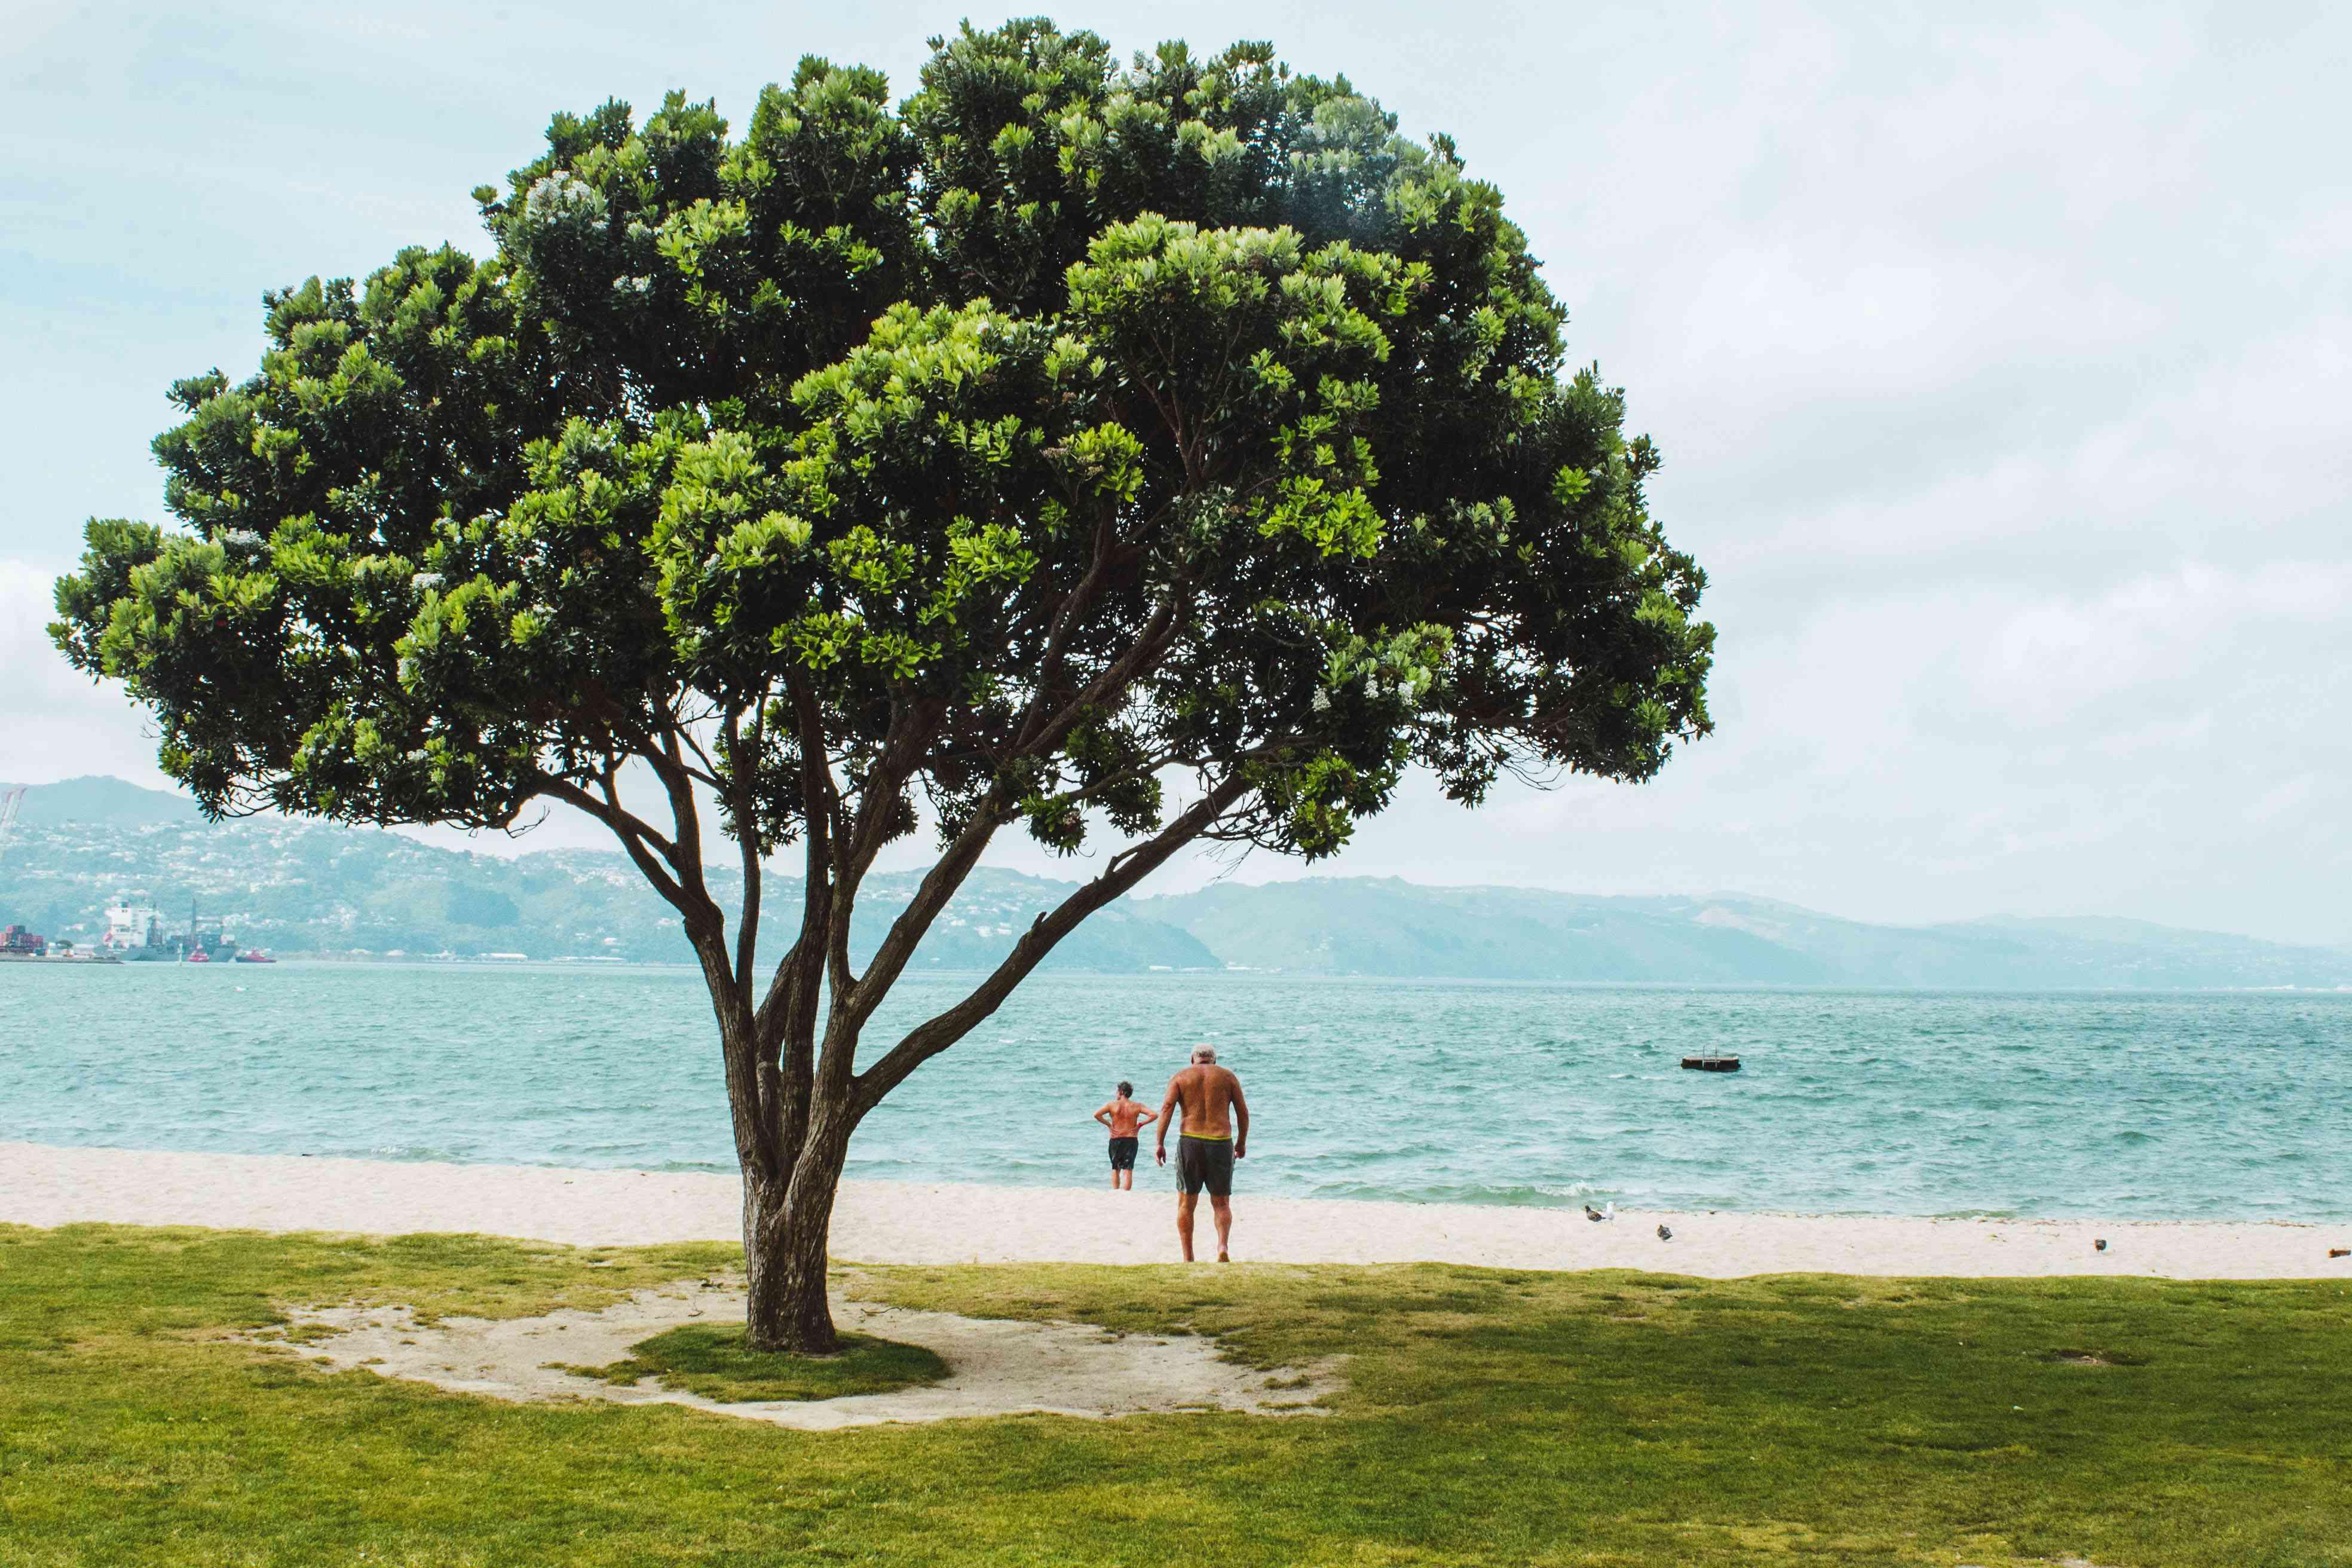 Two gente en la arena debajo de un árbol en la Bahía Oriental